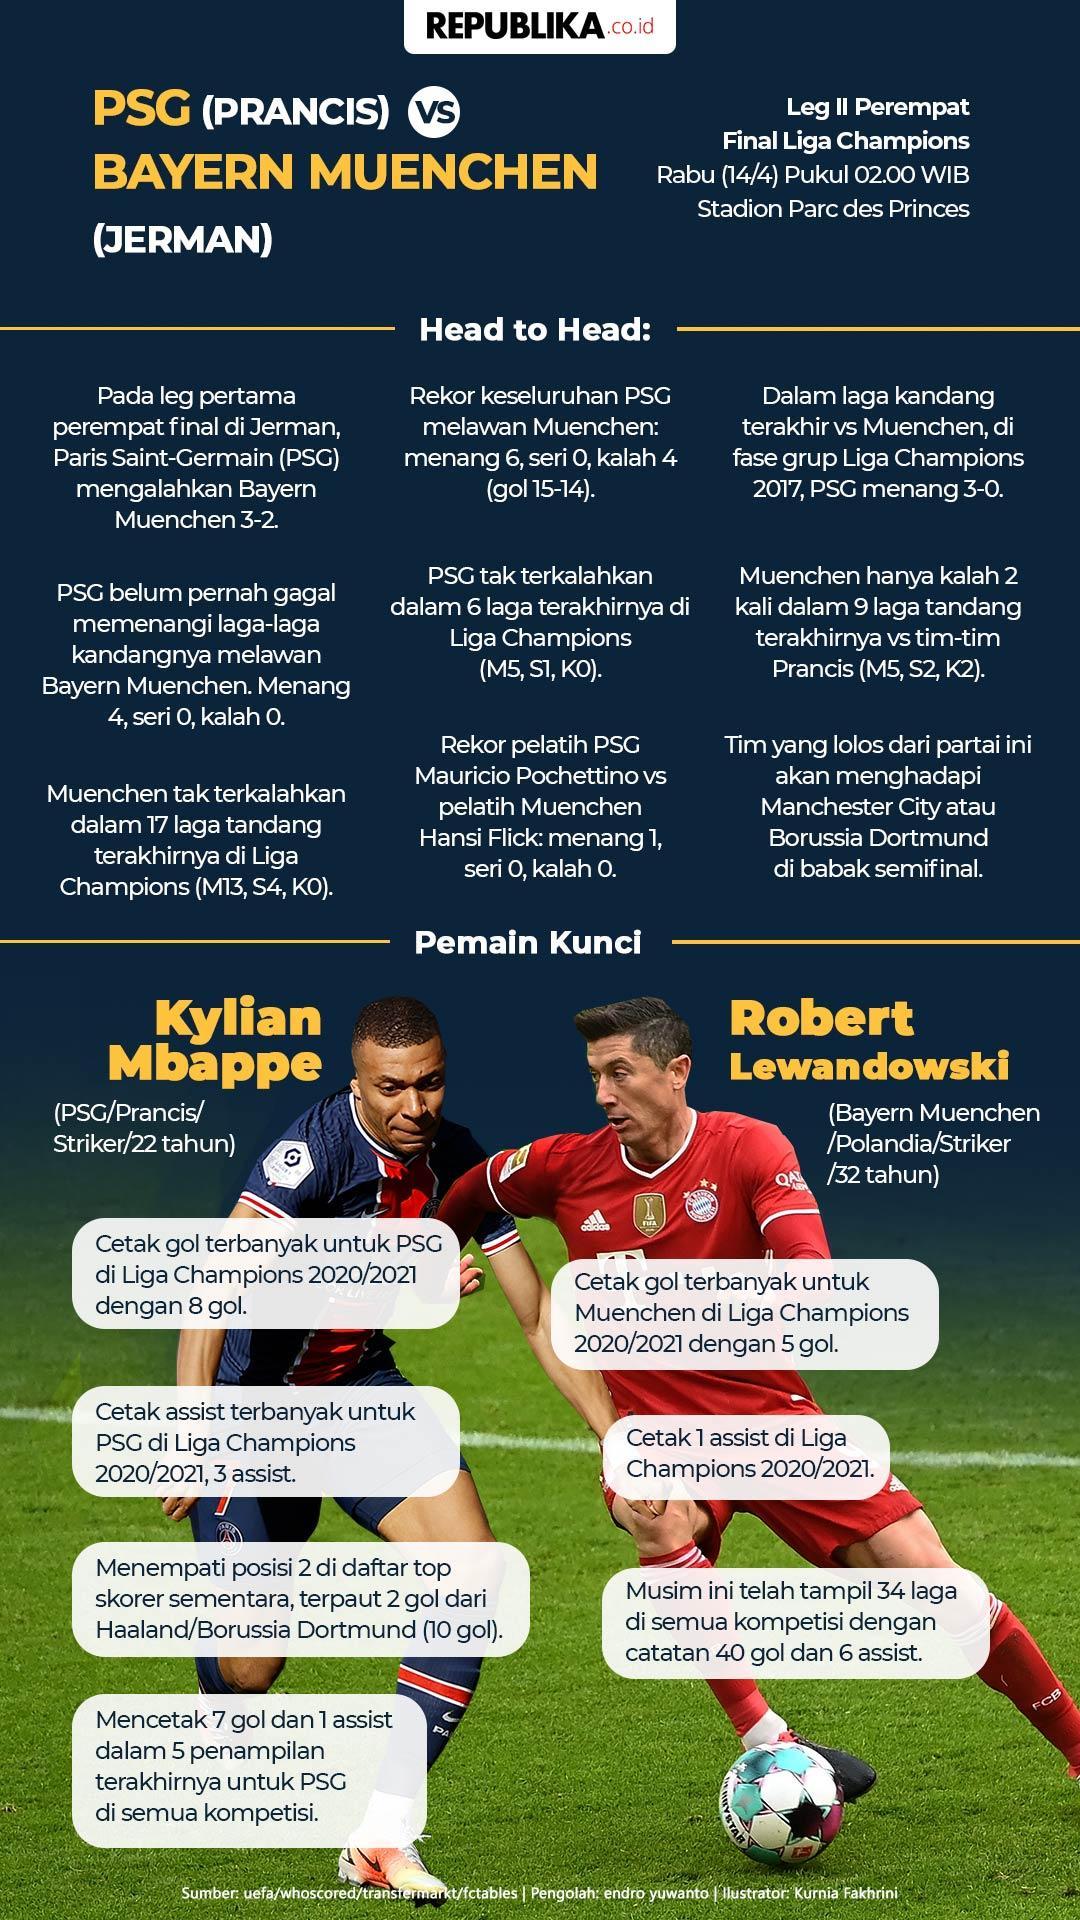 Infografis PSG Vs Bayern Muenchen: Keuntungan Tuan Rumah ...